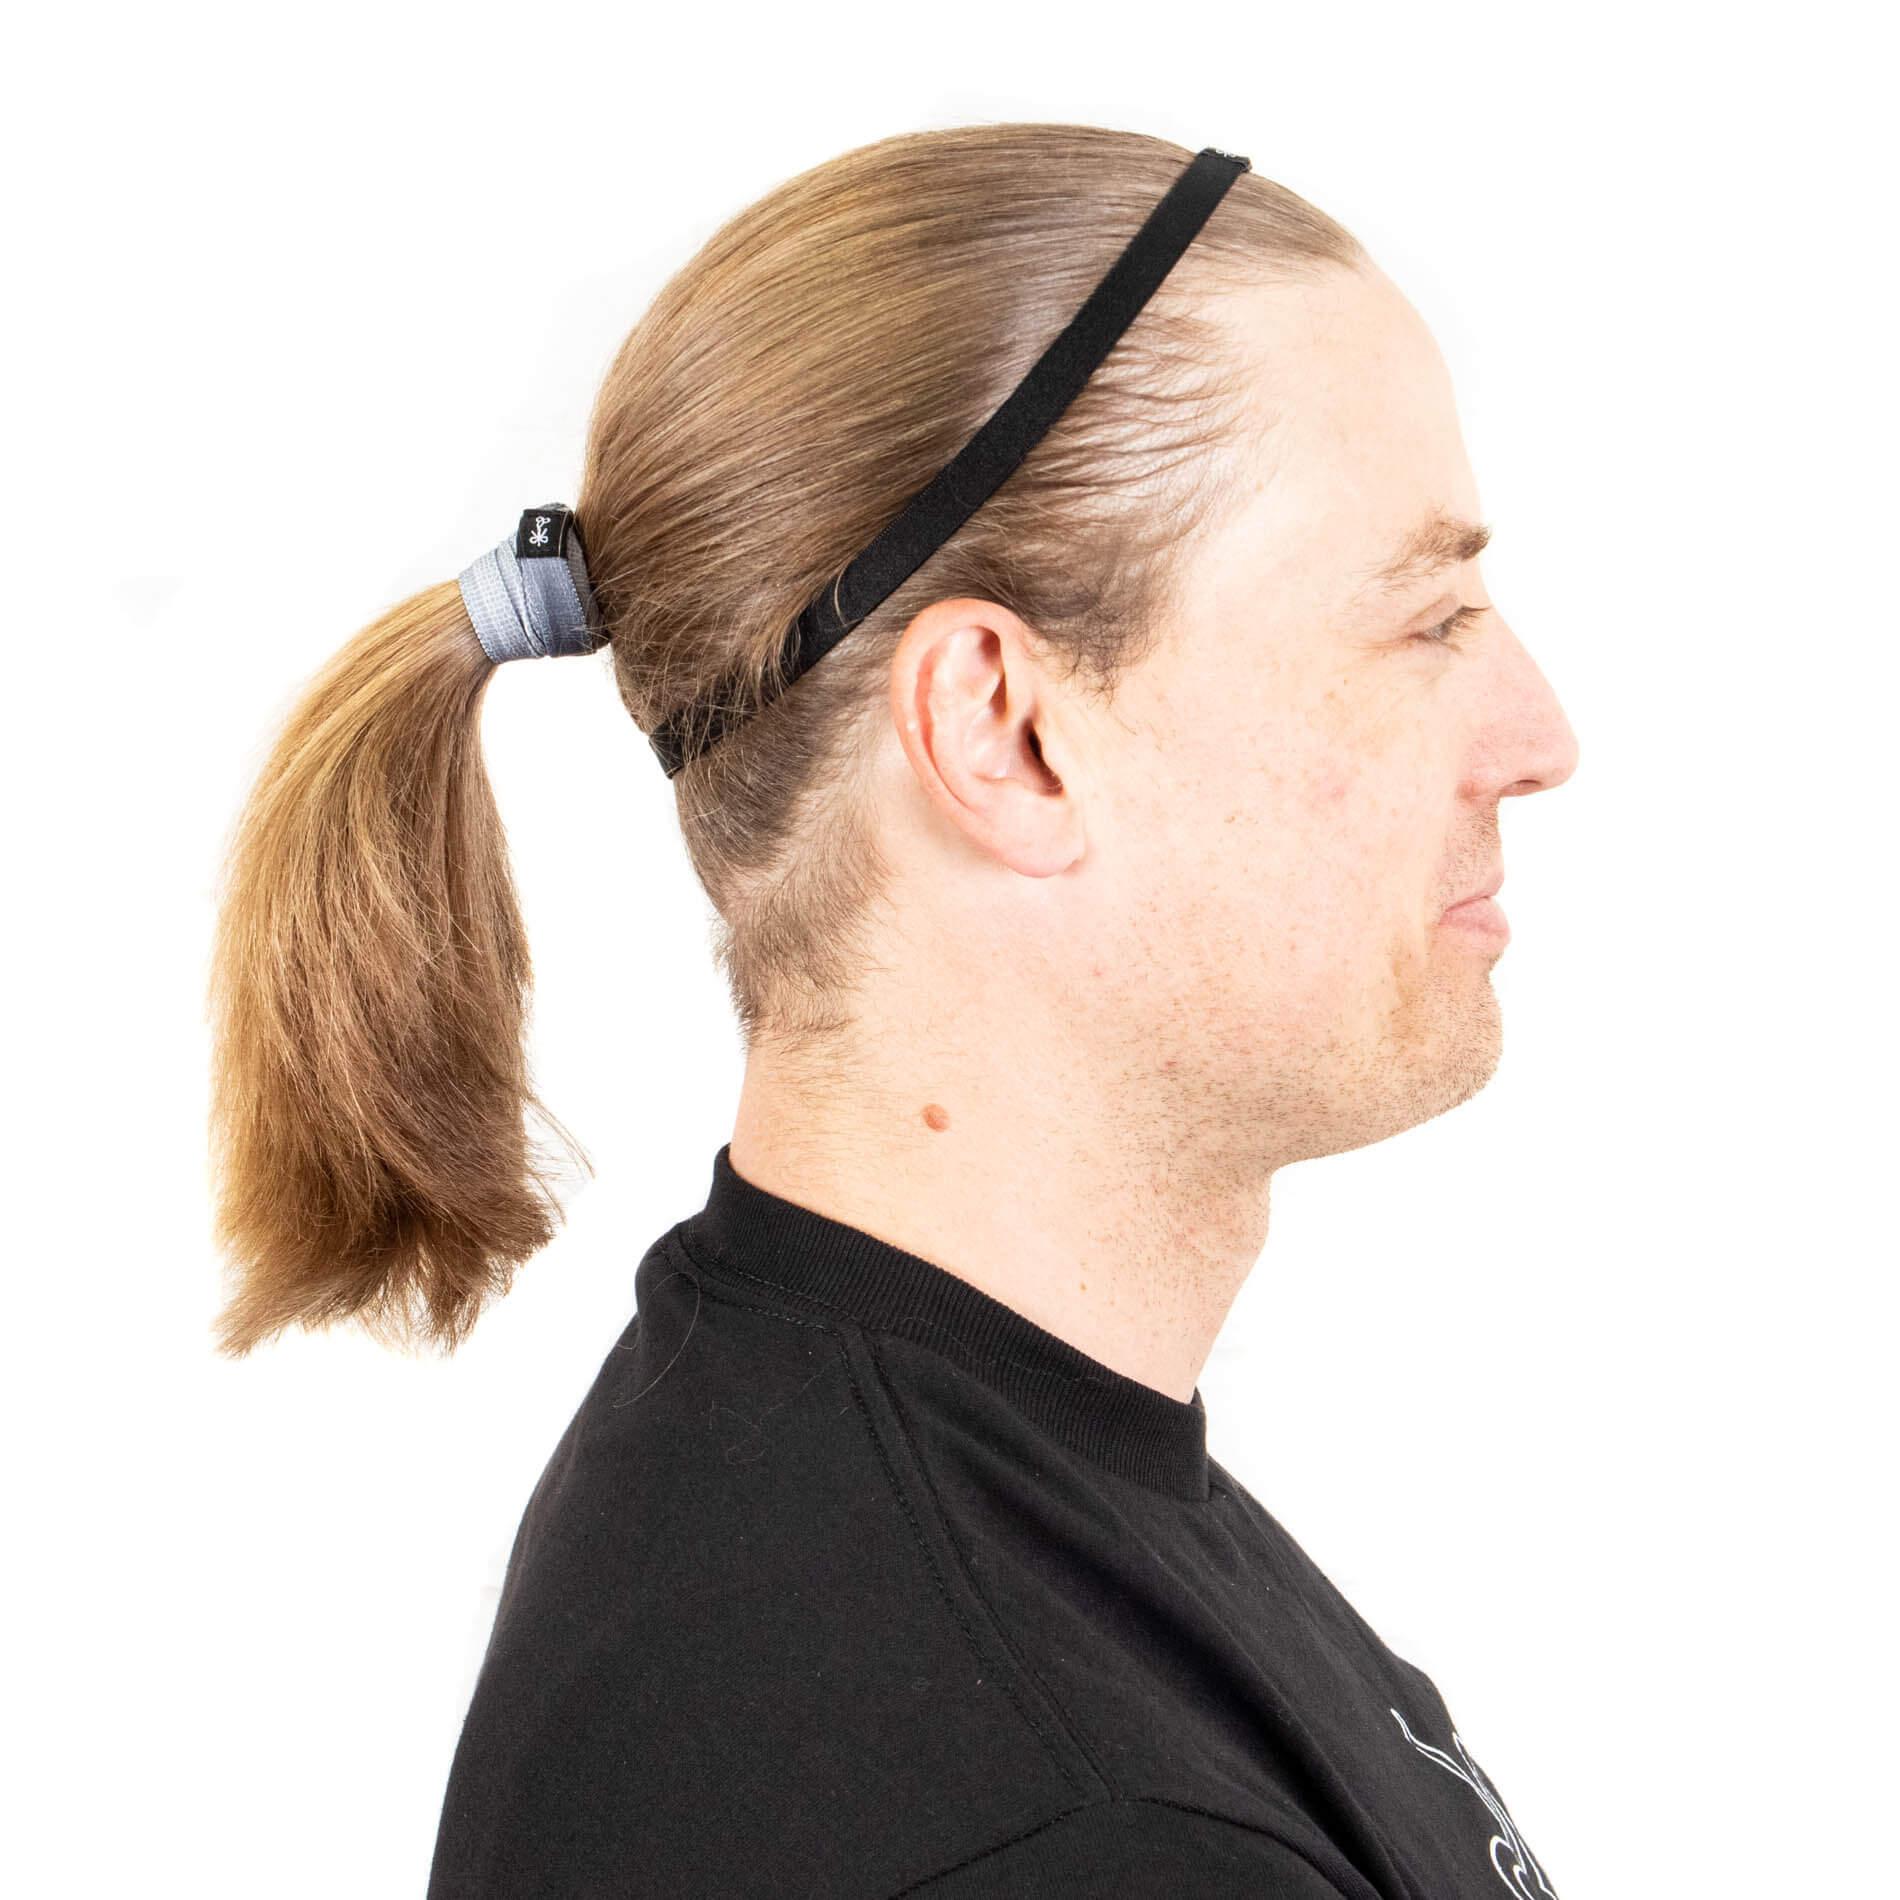 Thin headband on top of head with pony tail.